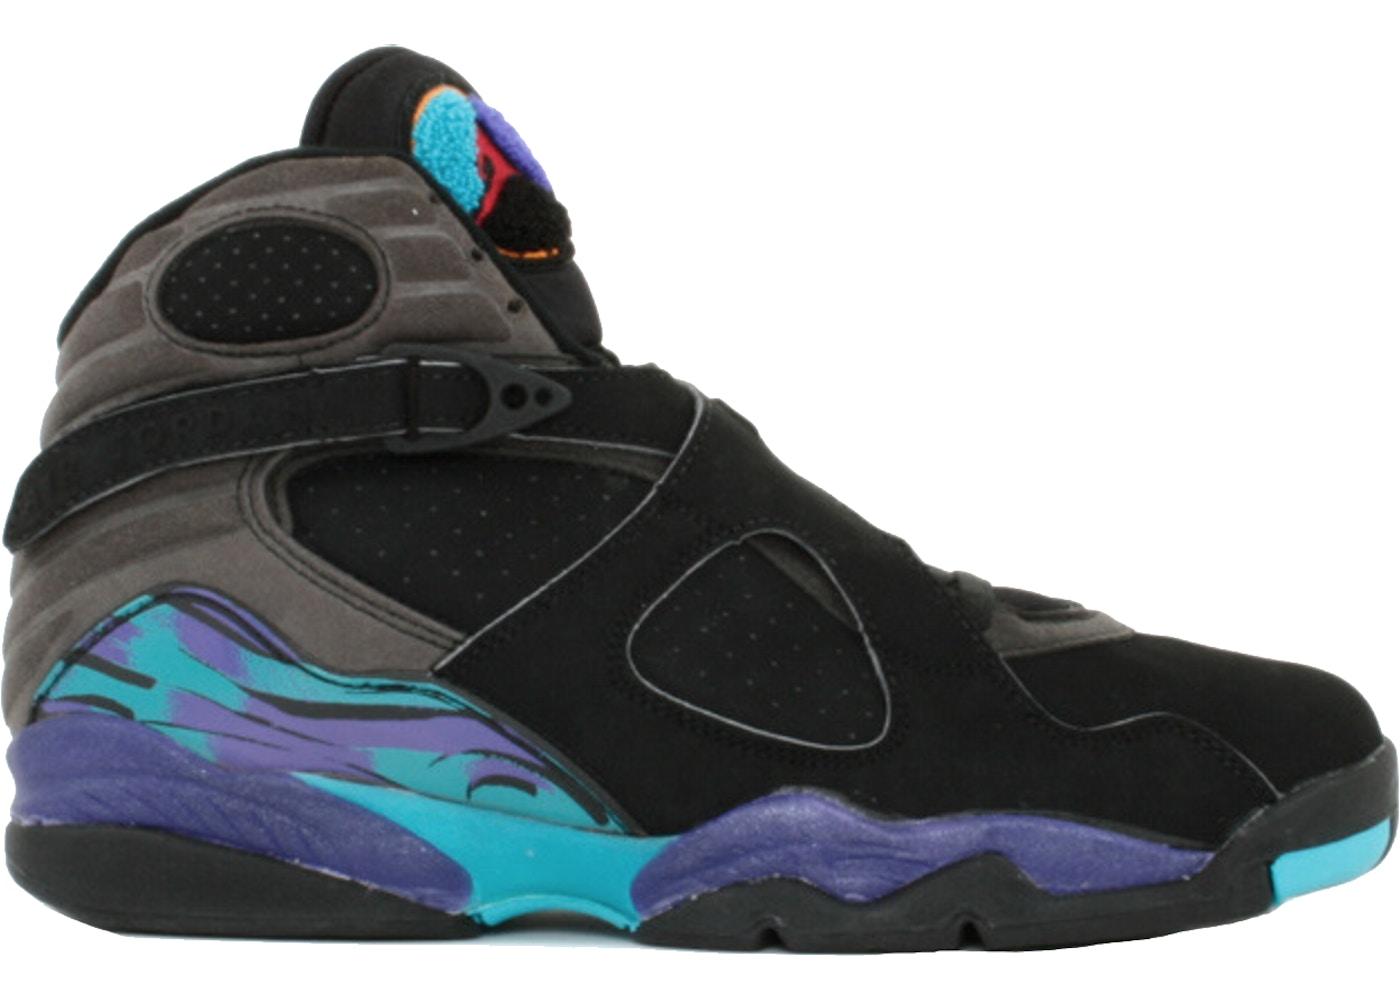 75d9ea9af82763 Jordan 8 OG Aqua (1993) - 130169-040